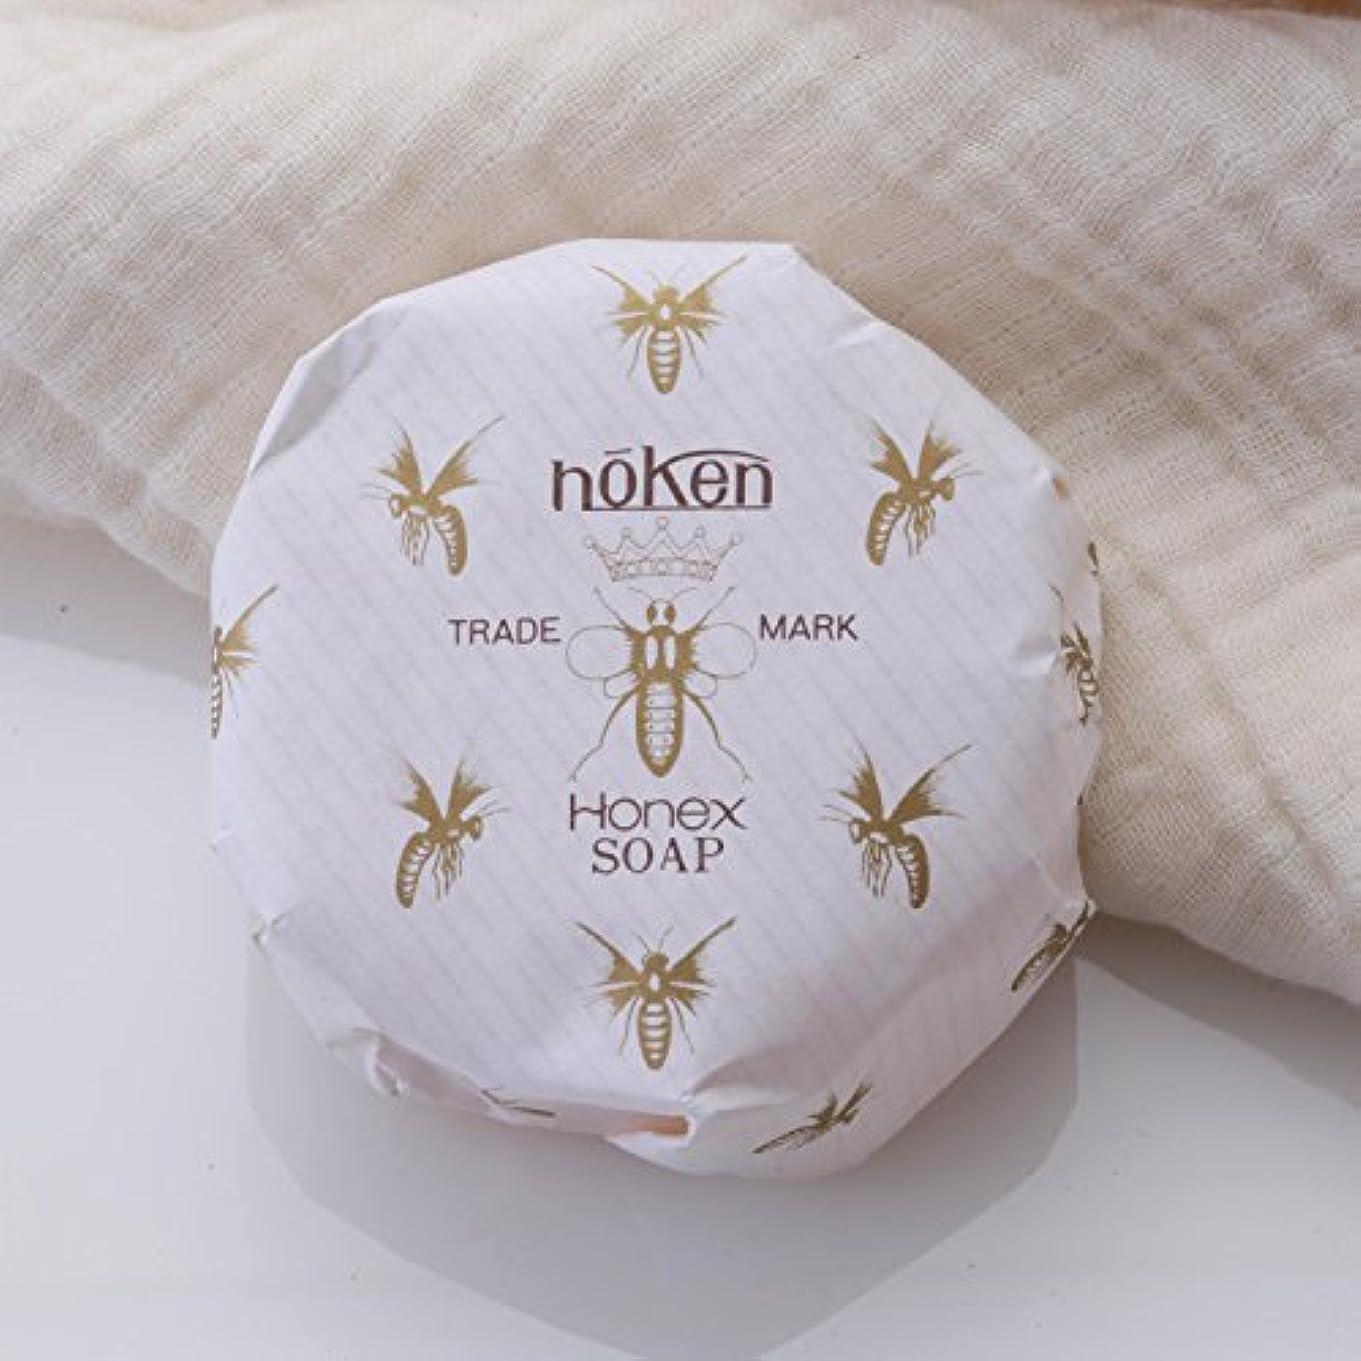 事前に個人神聖HOKEN/HONEYX ソープ 大